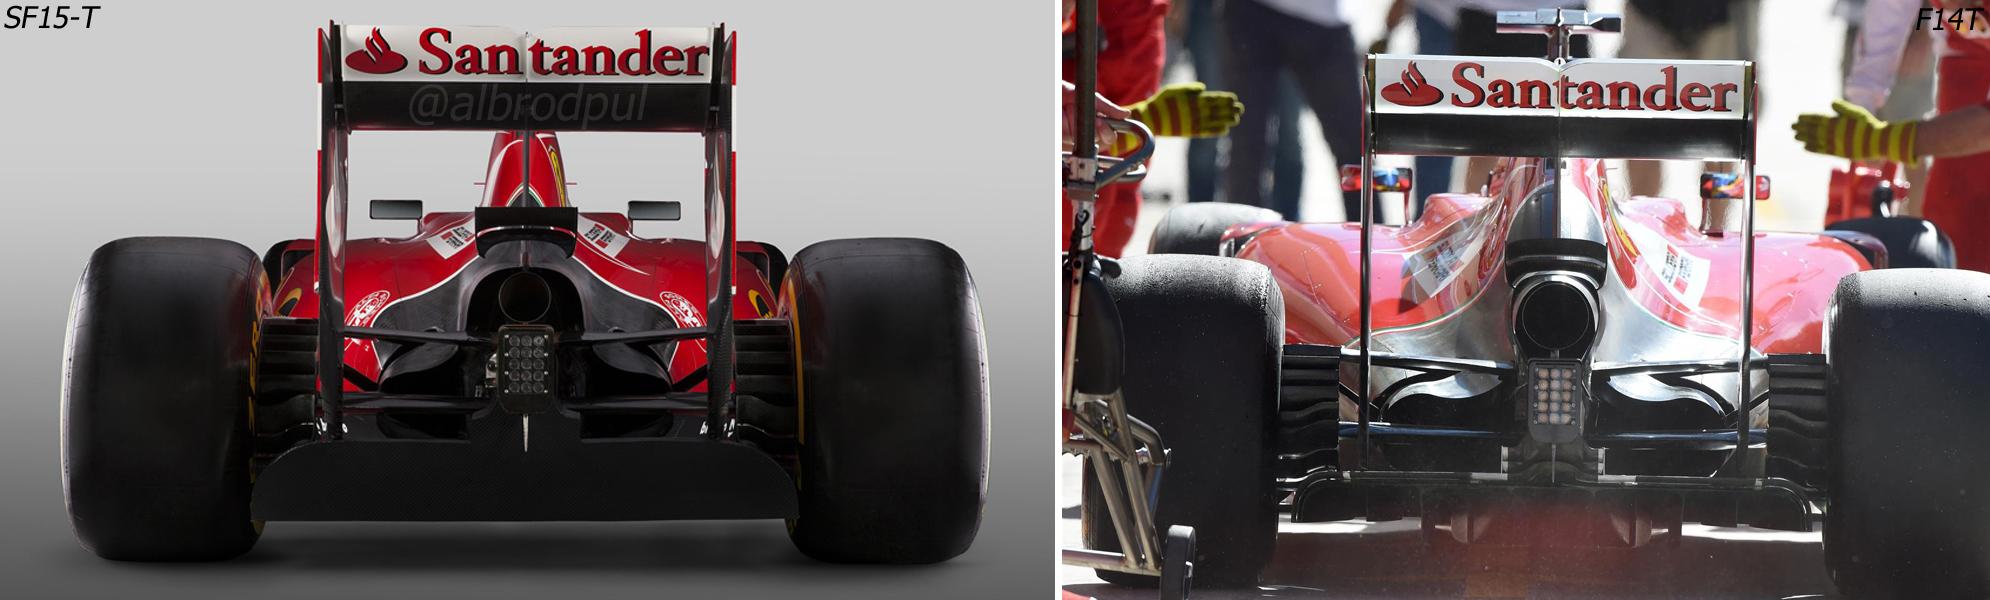 sf15t-rear(2)